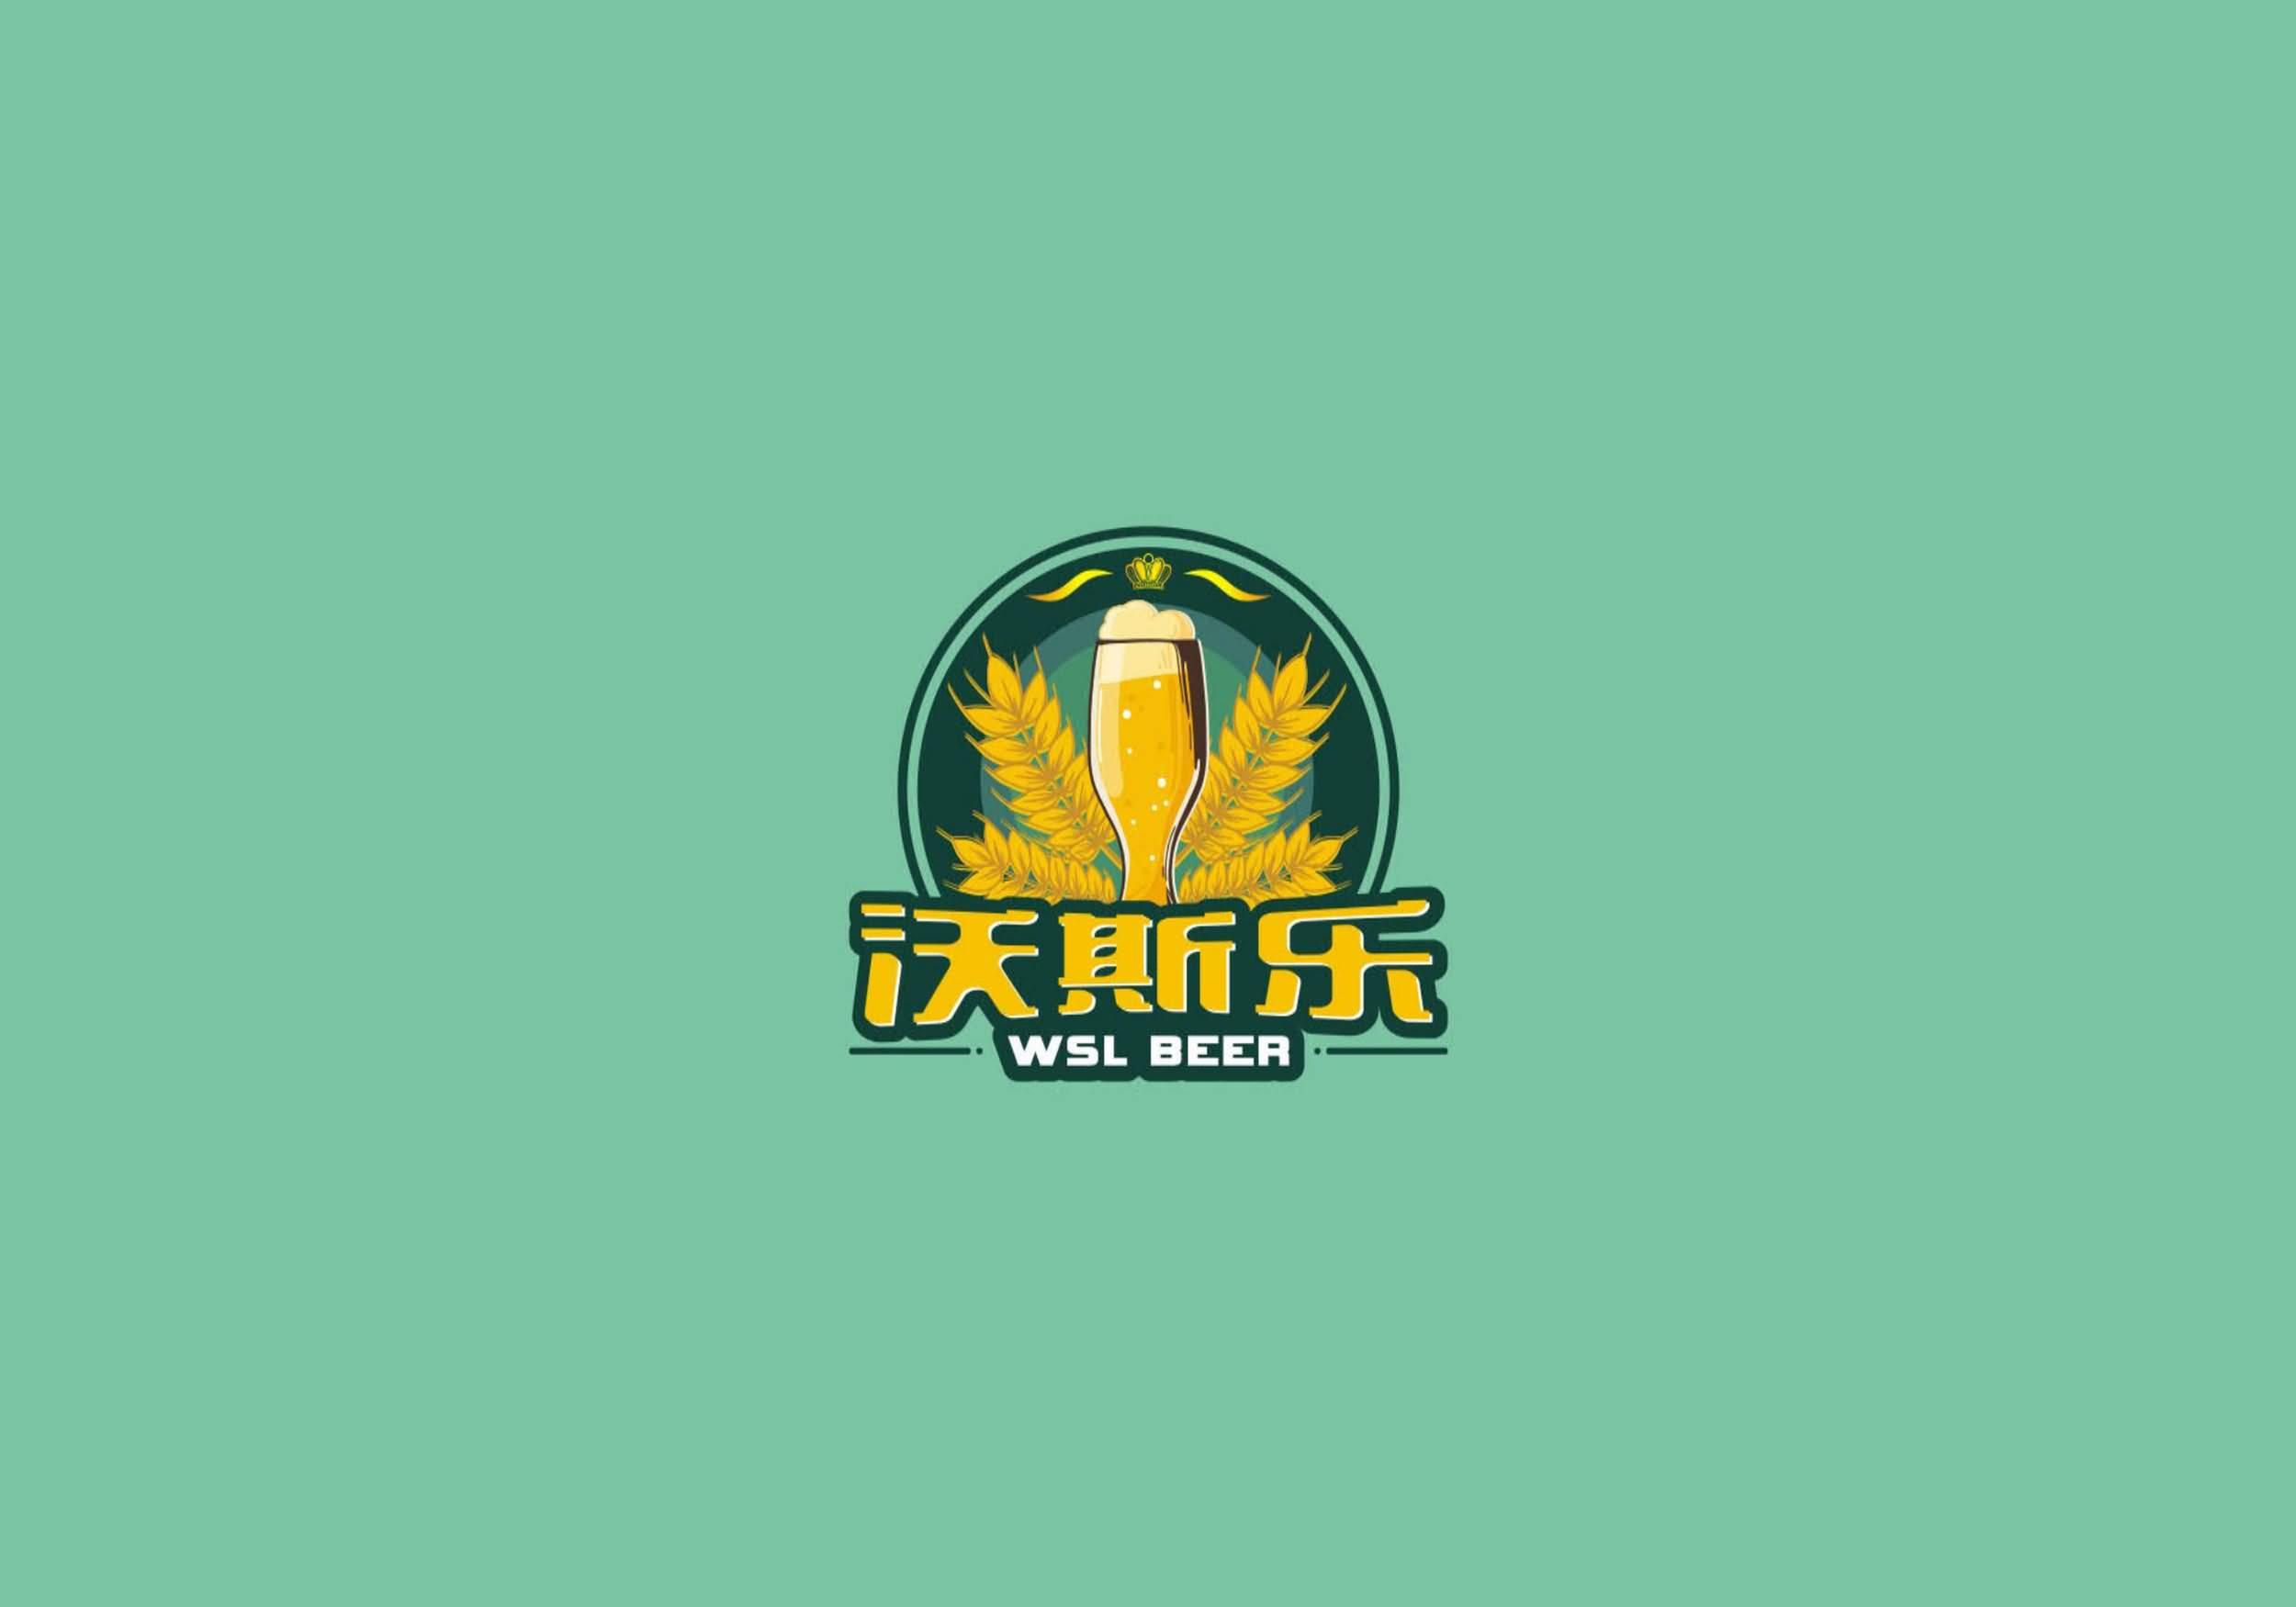 湖南沃斯乐啤酒有限公司3